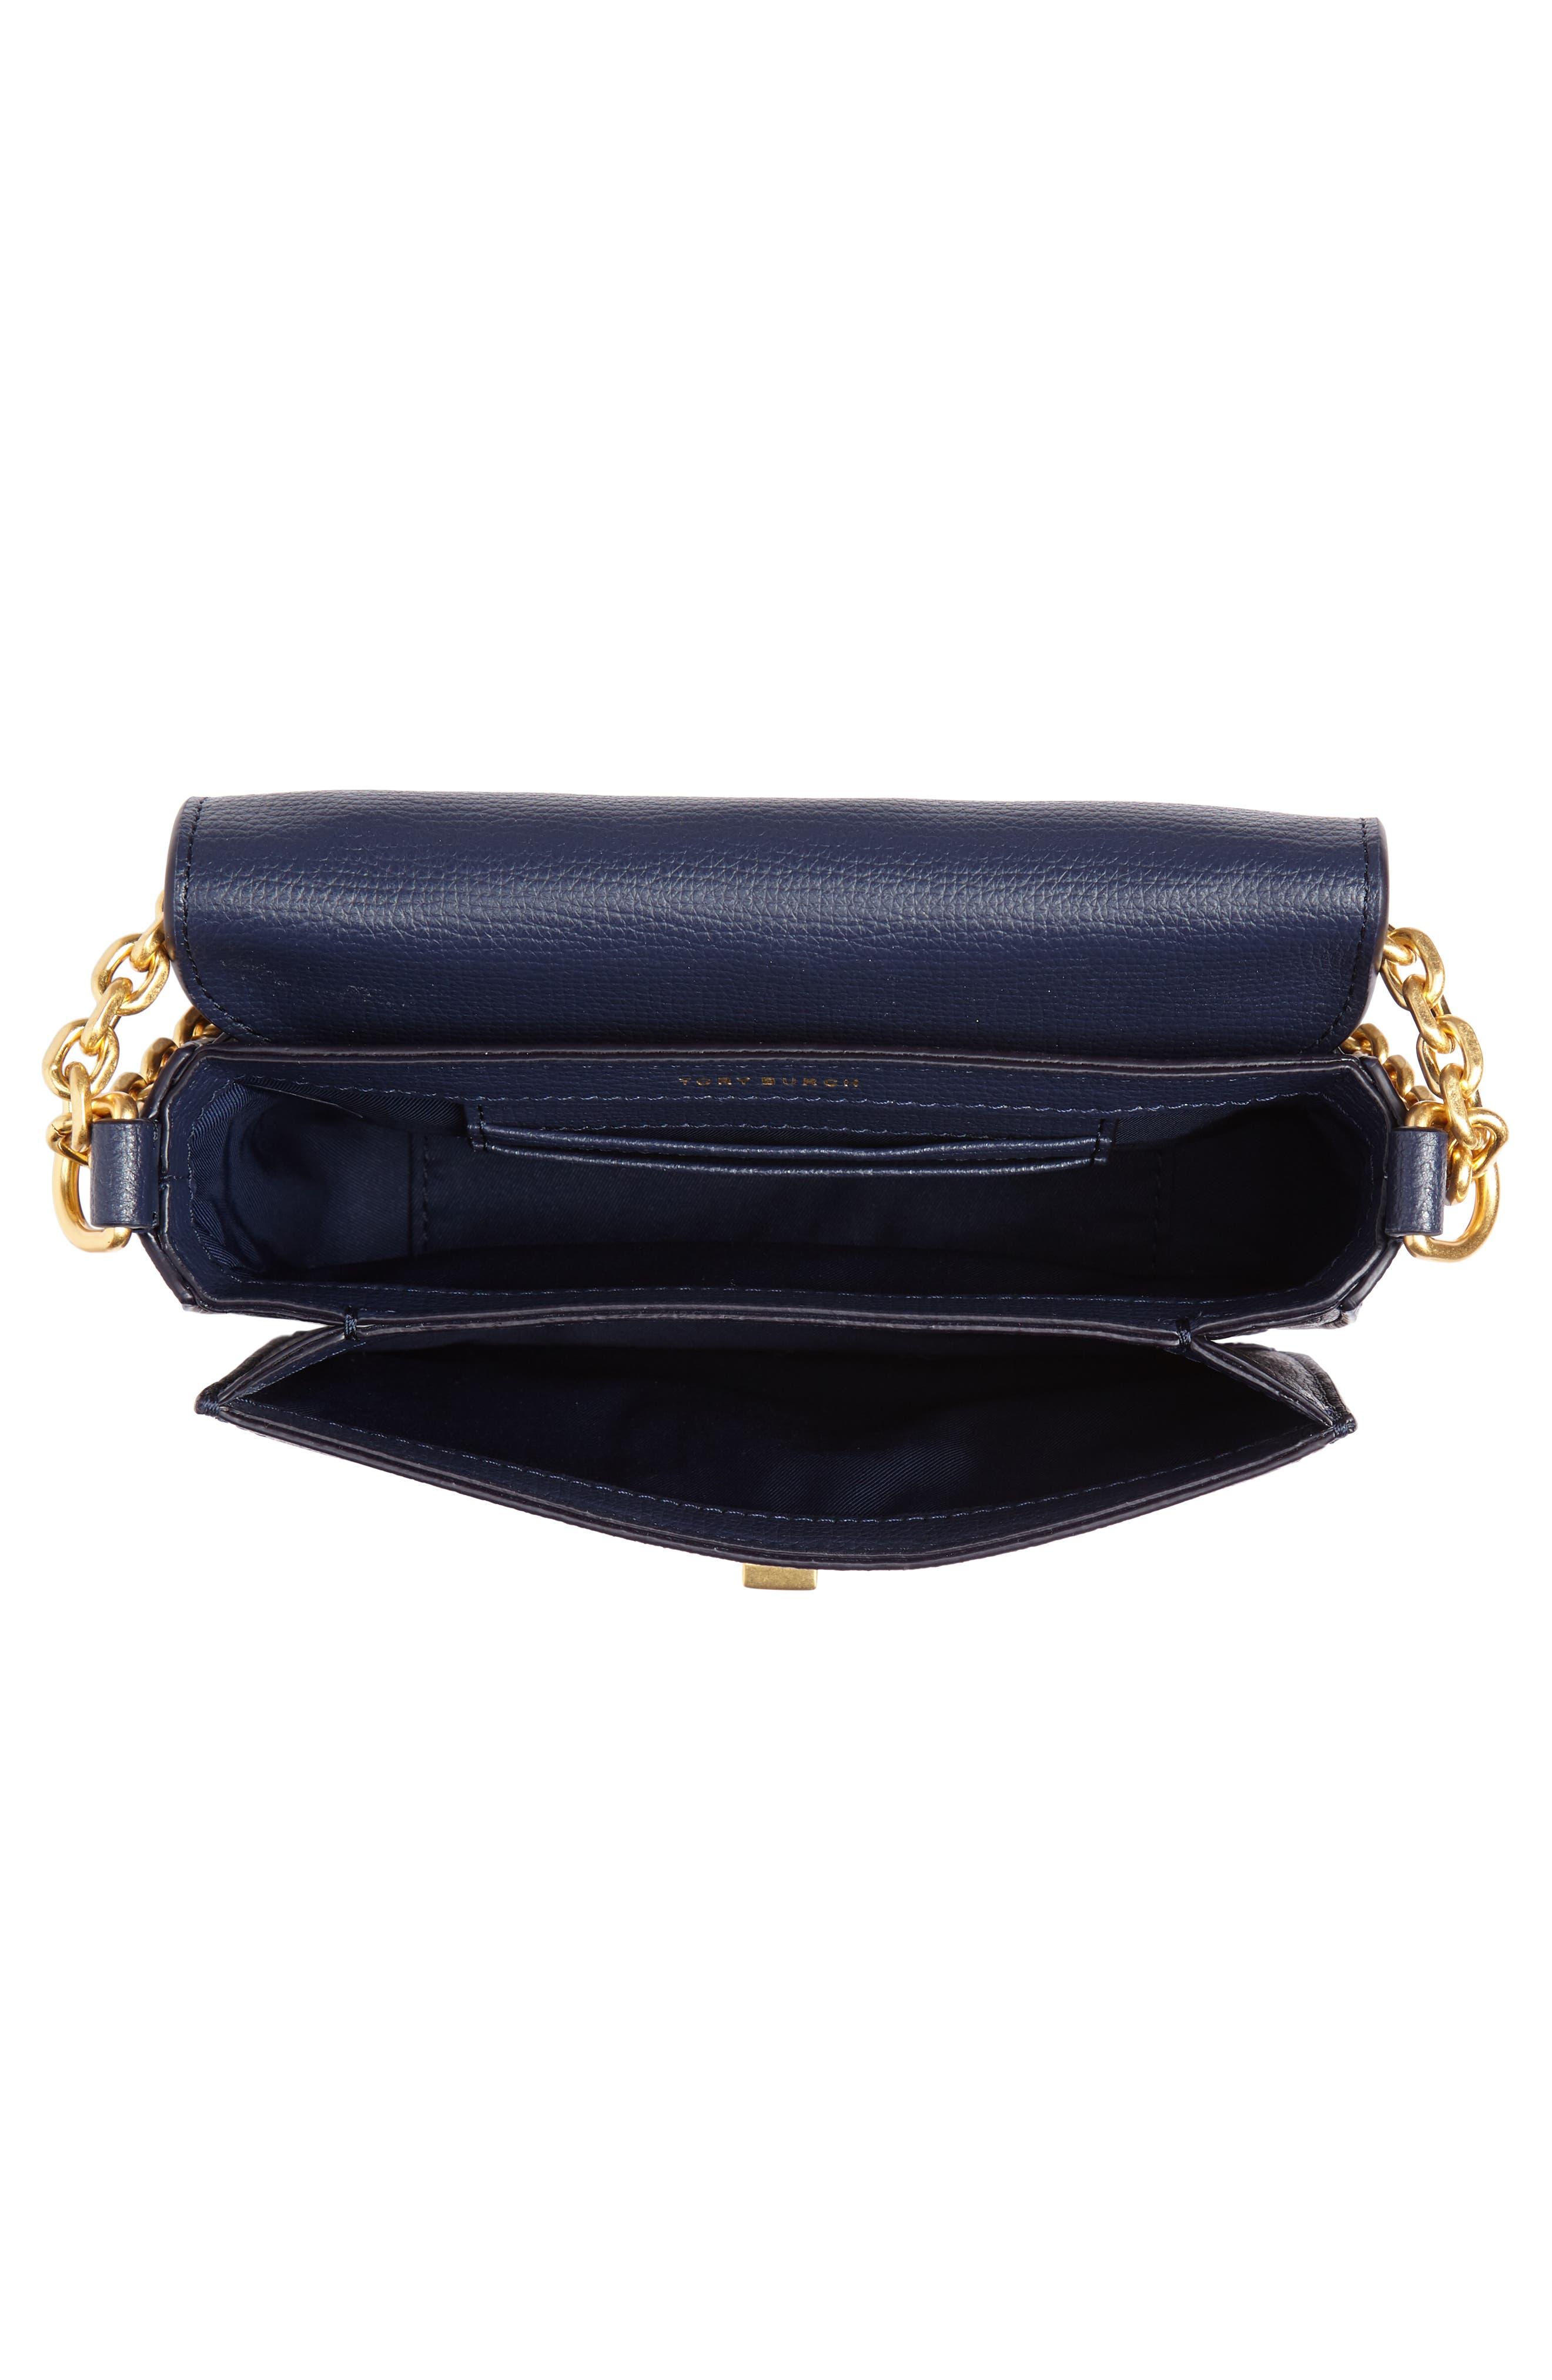 Mini Kira Leather & Fil Coupé Bag,                             Alternate thumbnail 4, color,                             NEUTRAL HAPPY TIMES